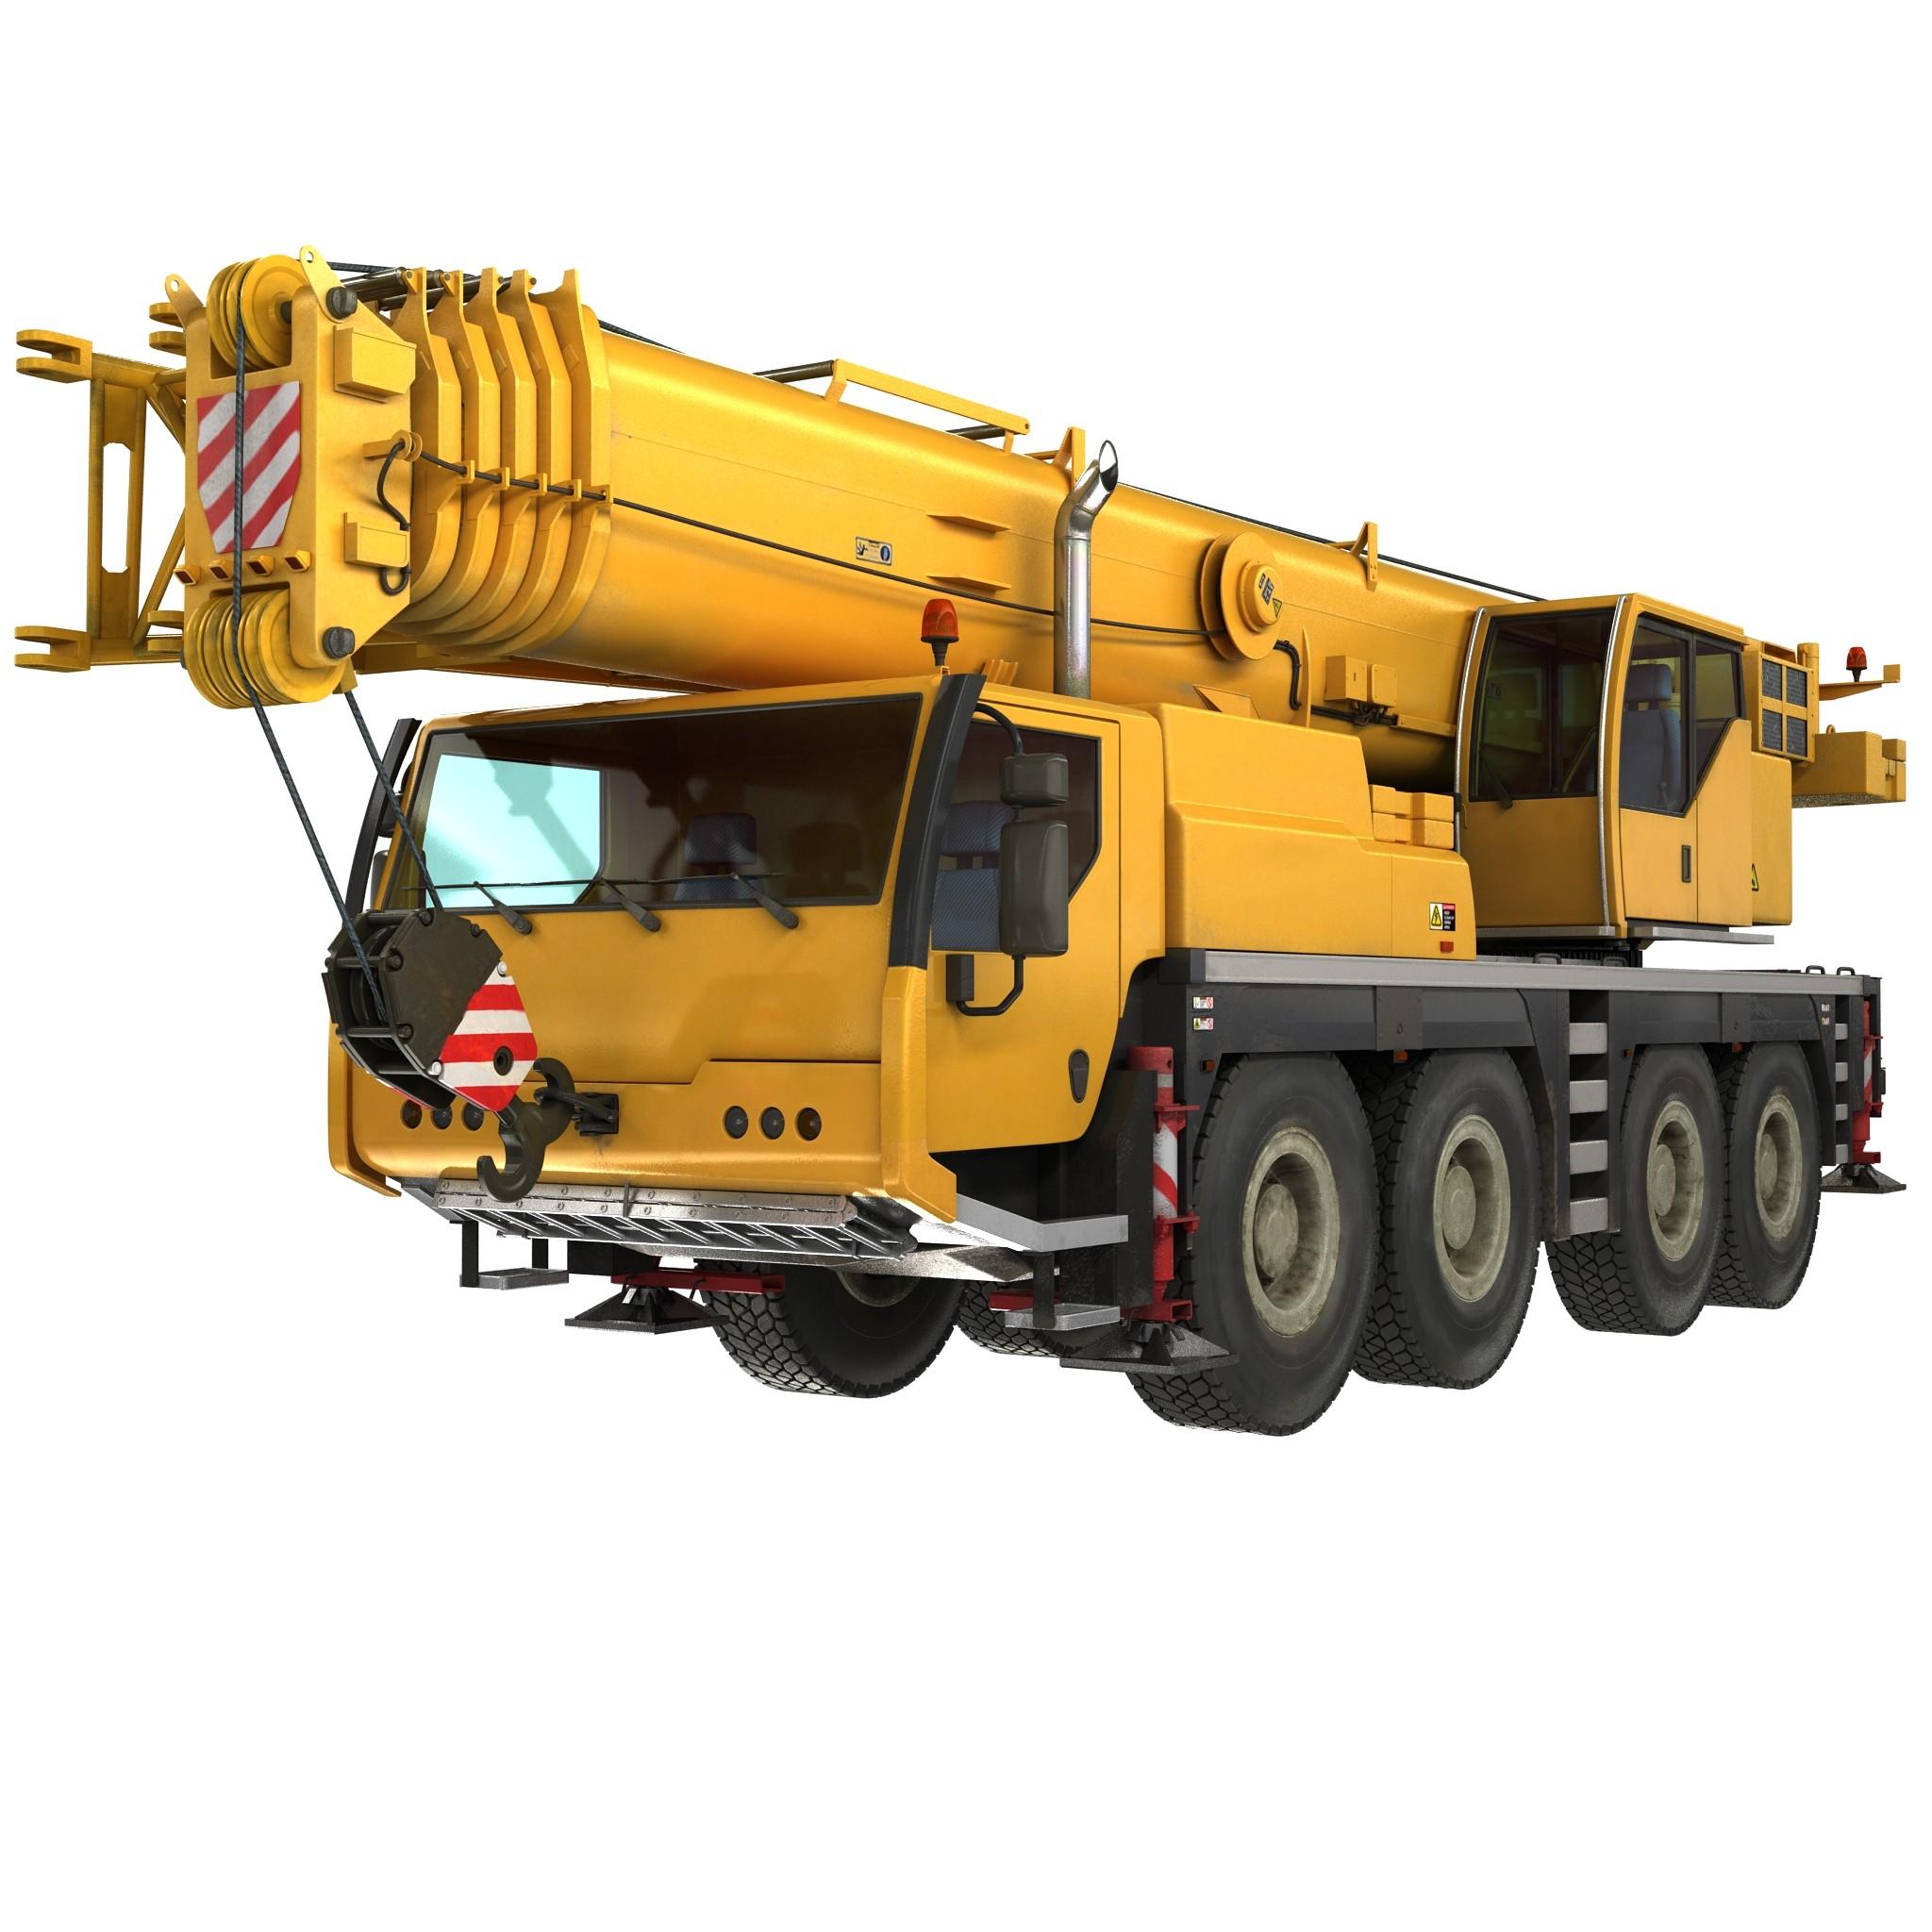 crane_renders0000.jpg